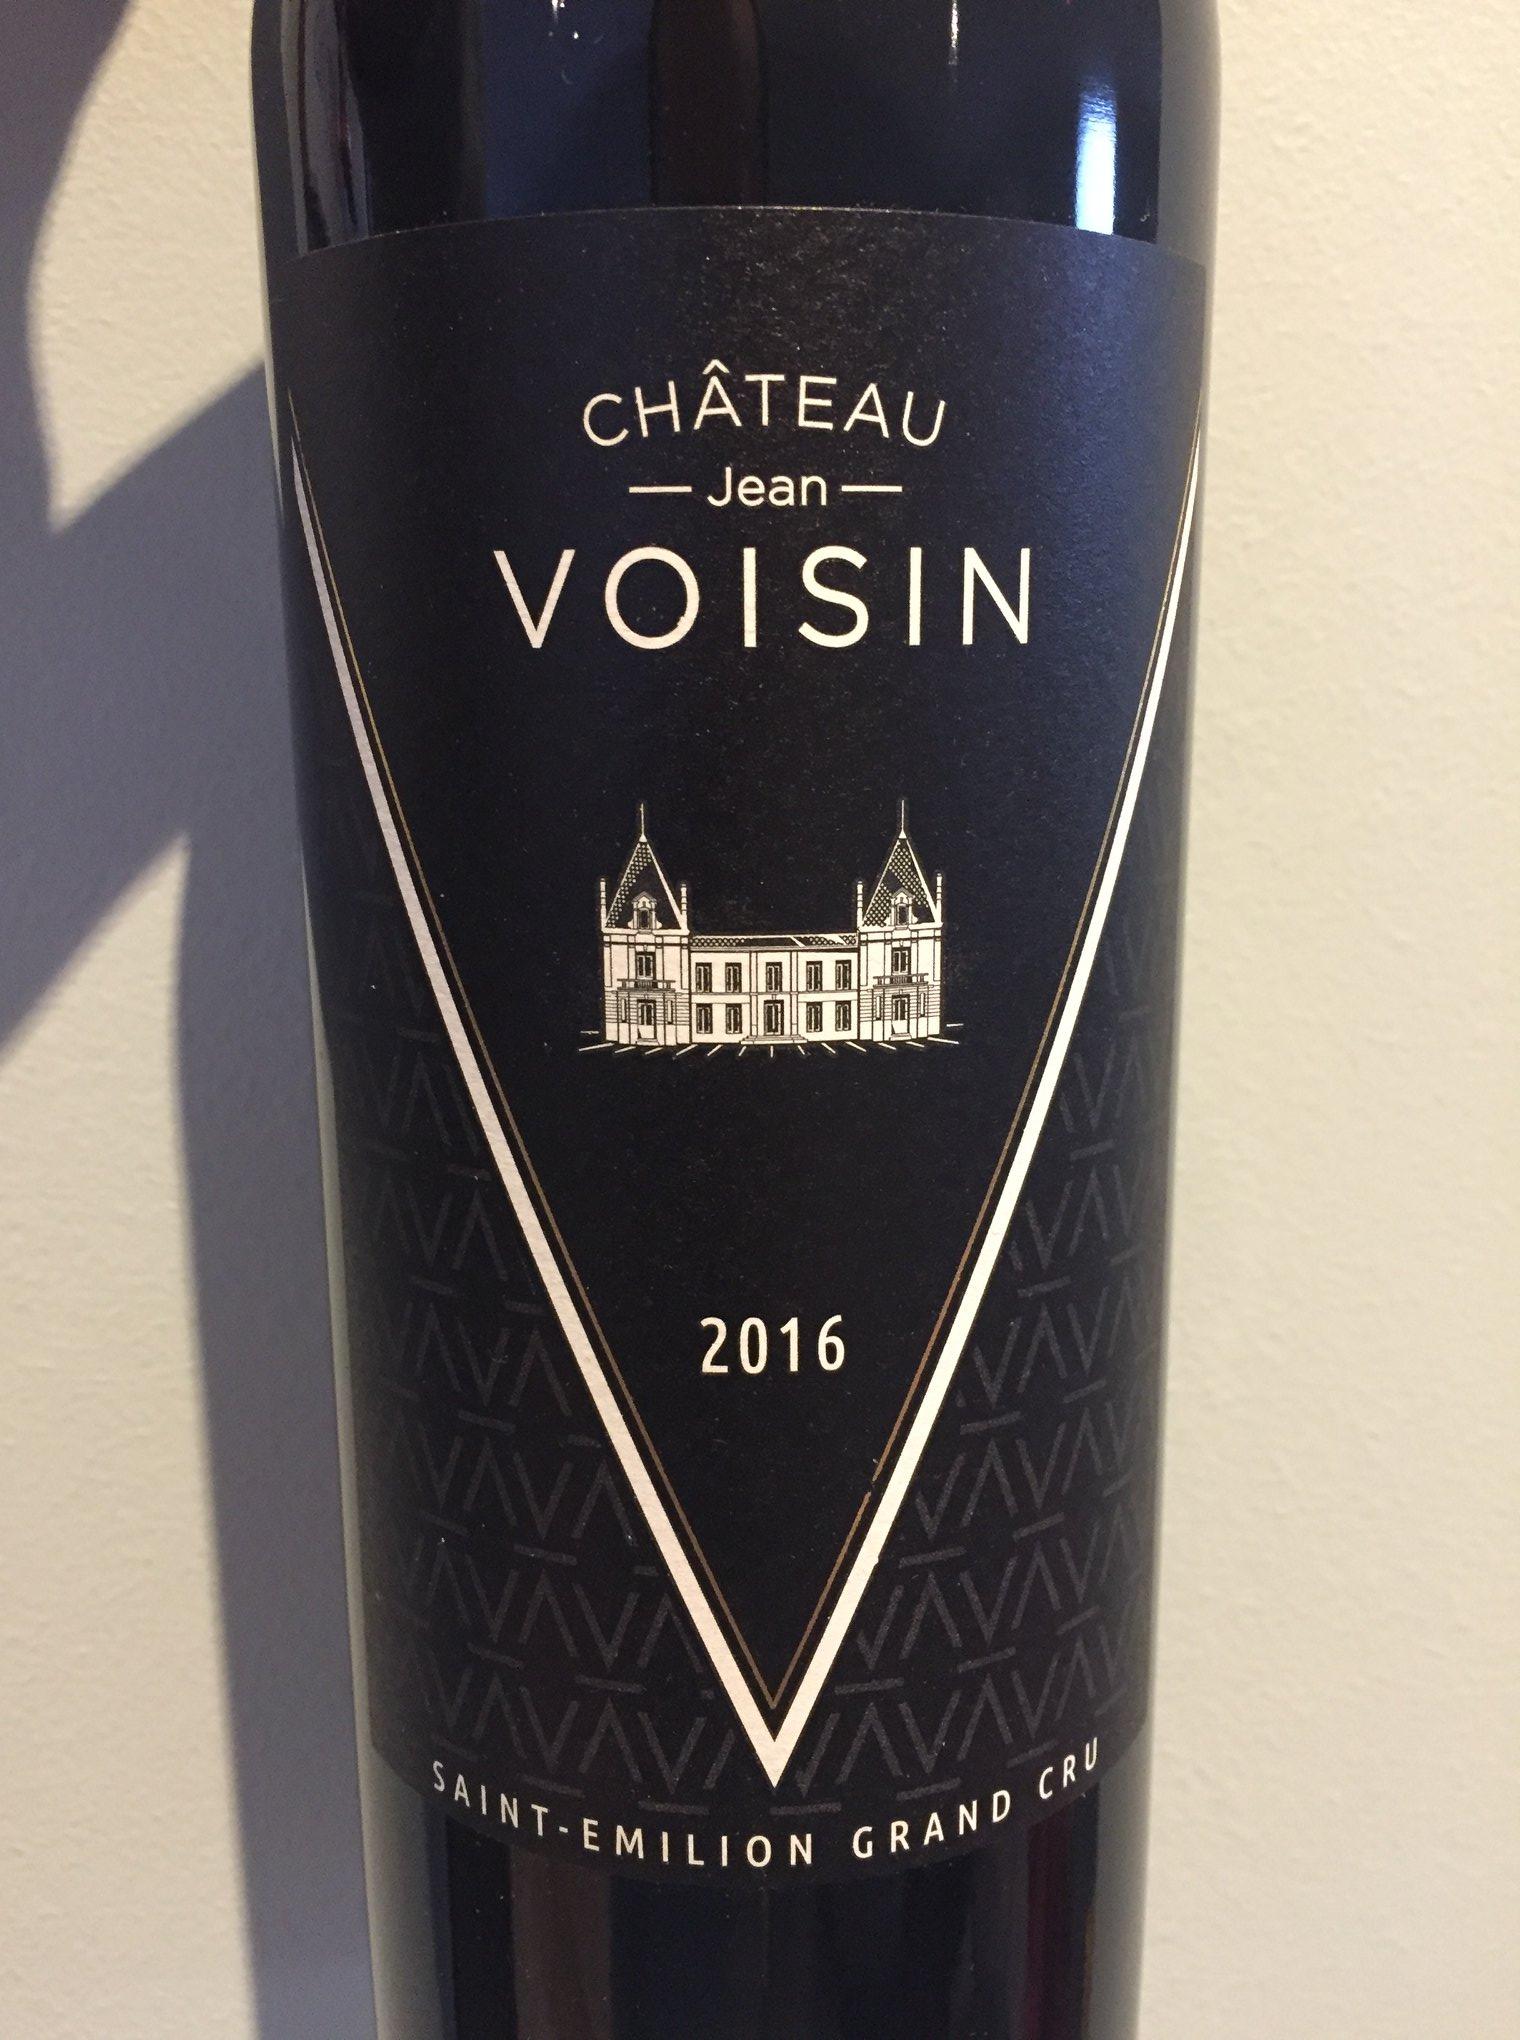 Château Jean Voisin 2016 – Saint-Emilion Grand Cru